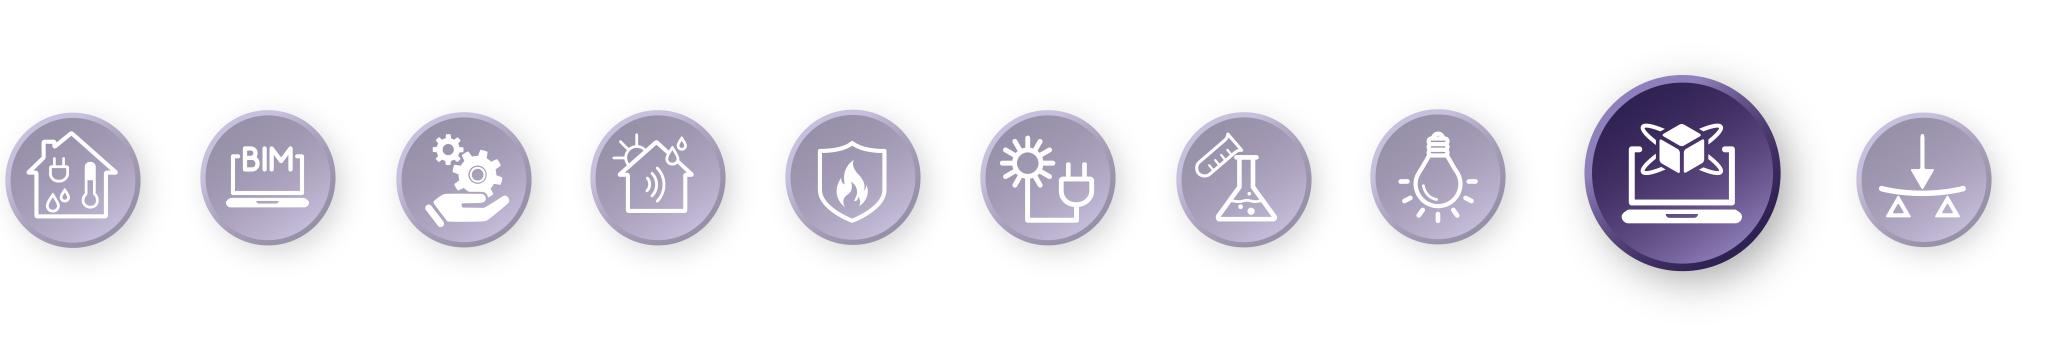 Piktogramm-Leiste mit hervorgehobenem Simulation-Symbol